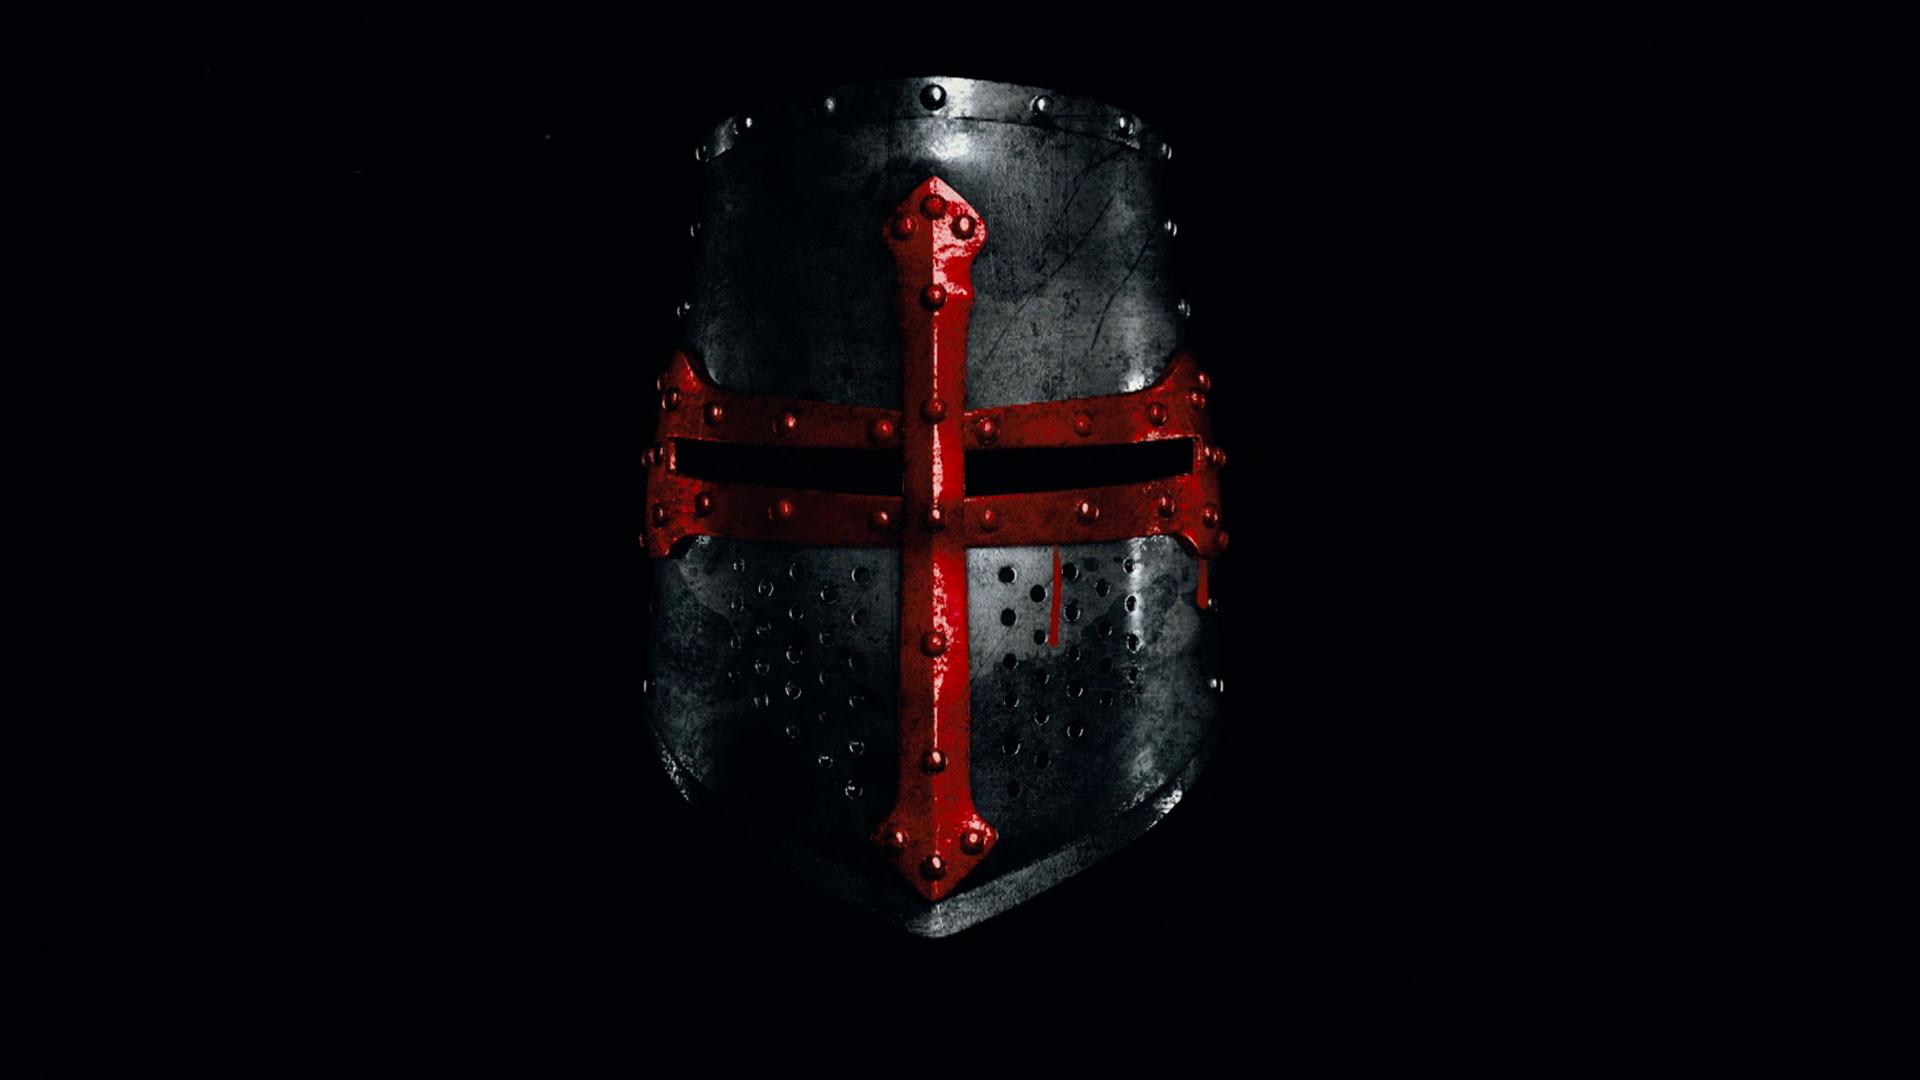 Kết quả hình ảnh cho knightfall wallpaper hd